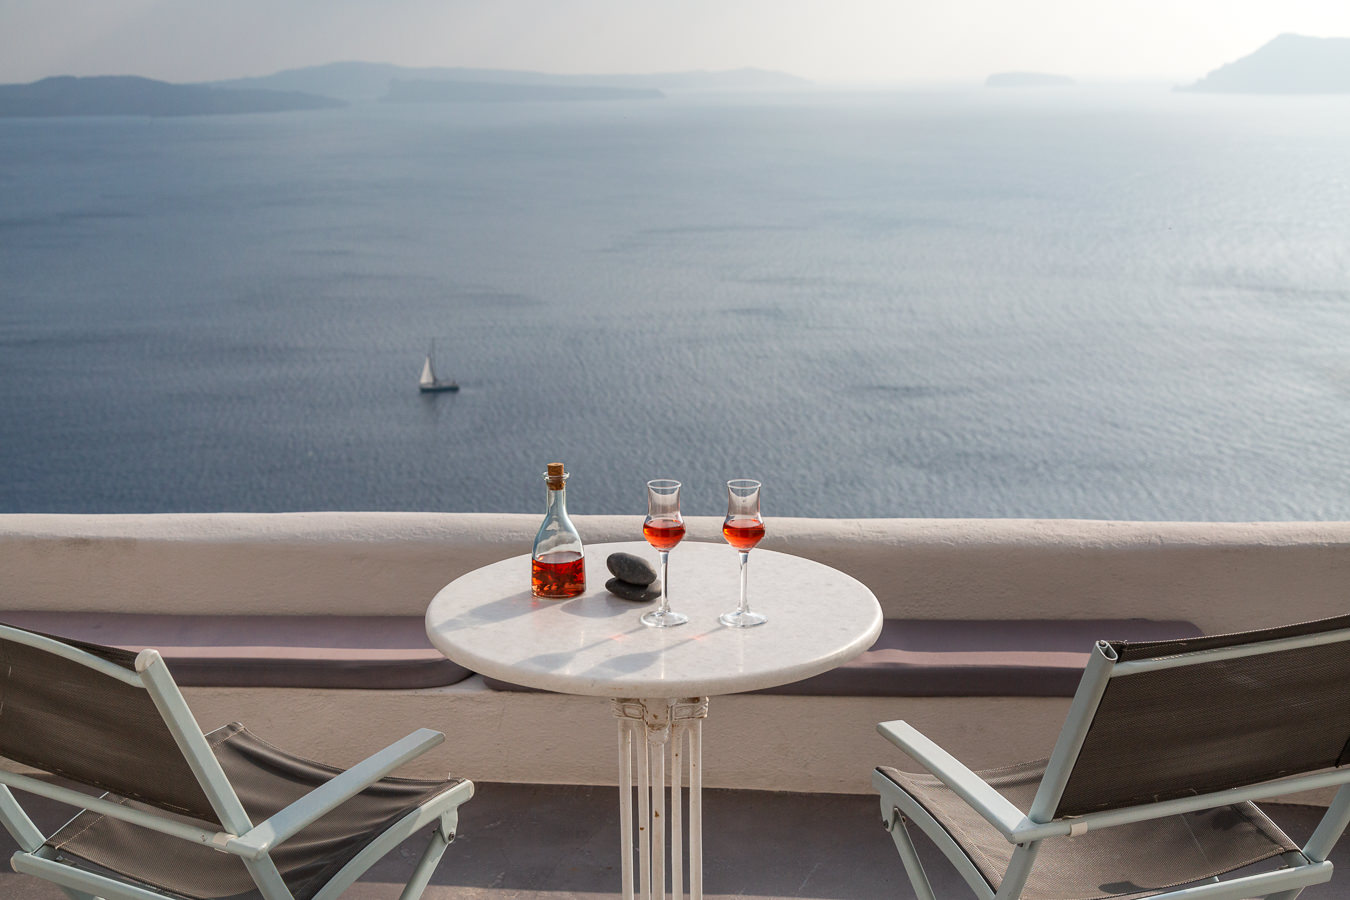 Nostos, Oia Santorini, Γιώργος Φάκαρος - Αρχιτεκτονική Φωτογραφία | Εσωτερικοί Χώροι | Φωτογραφία Ξενοδοχειών - Photography / Φωτογραφία